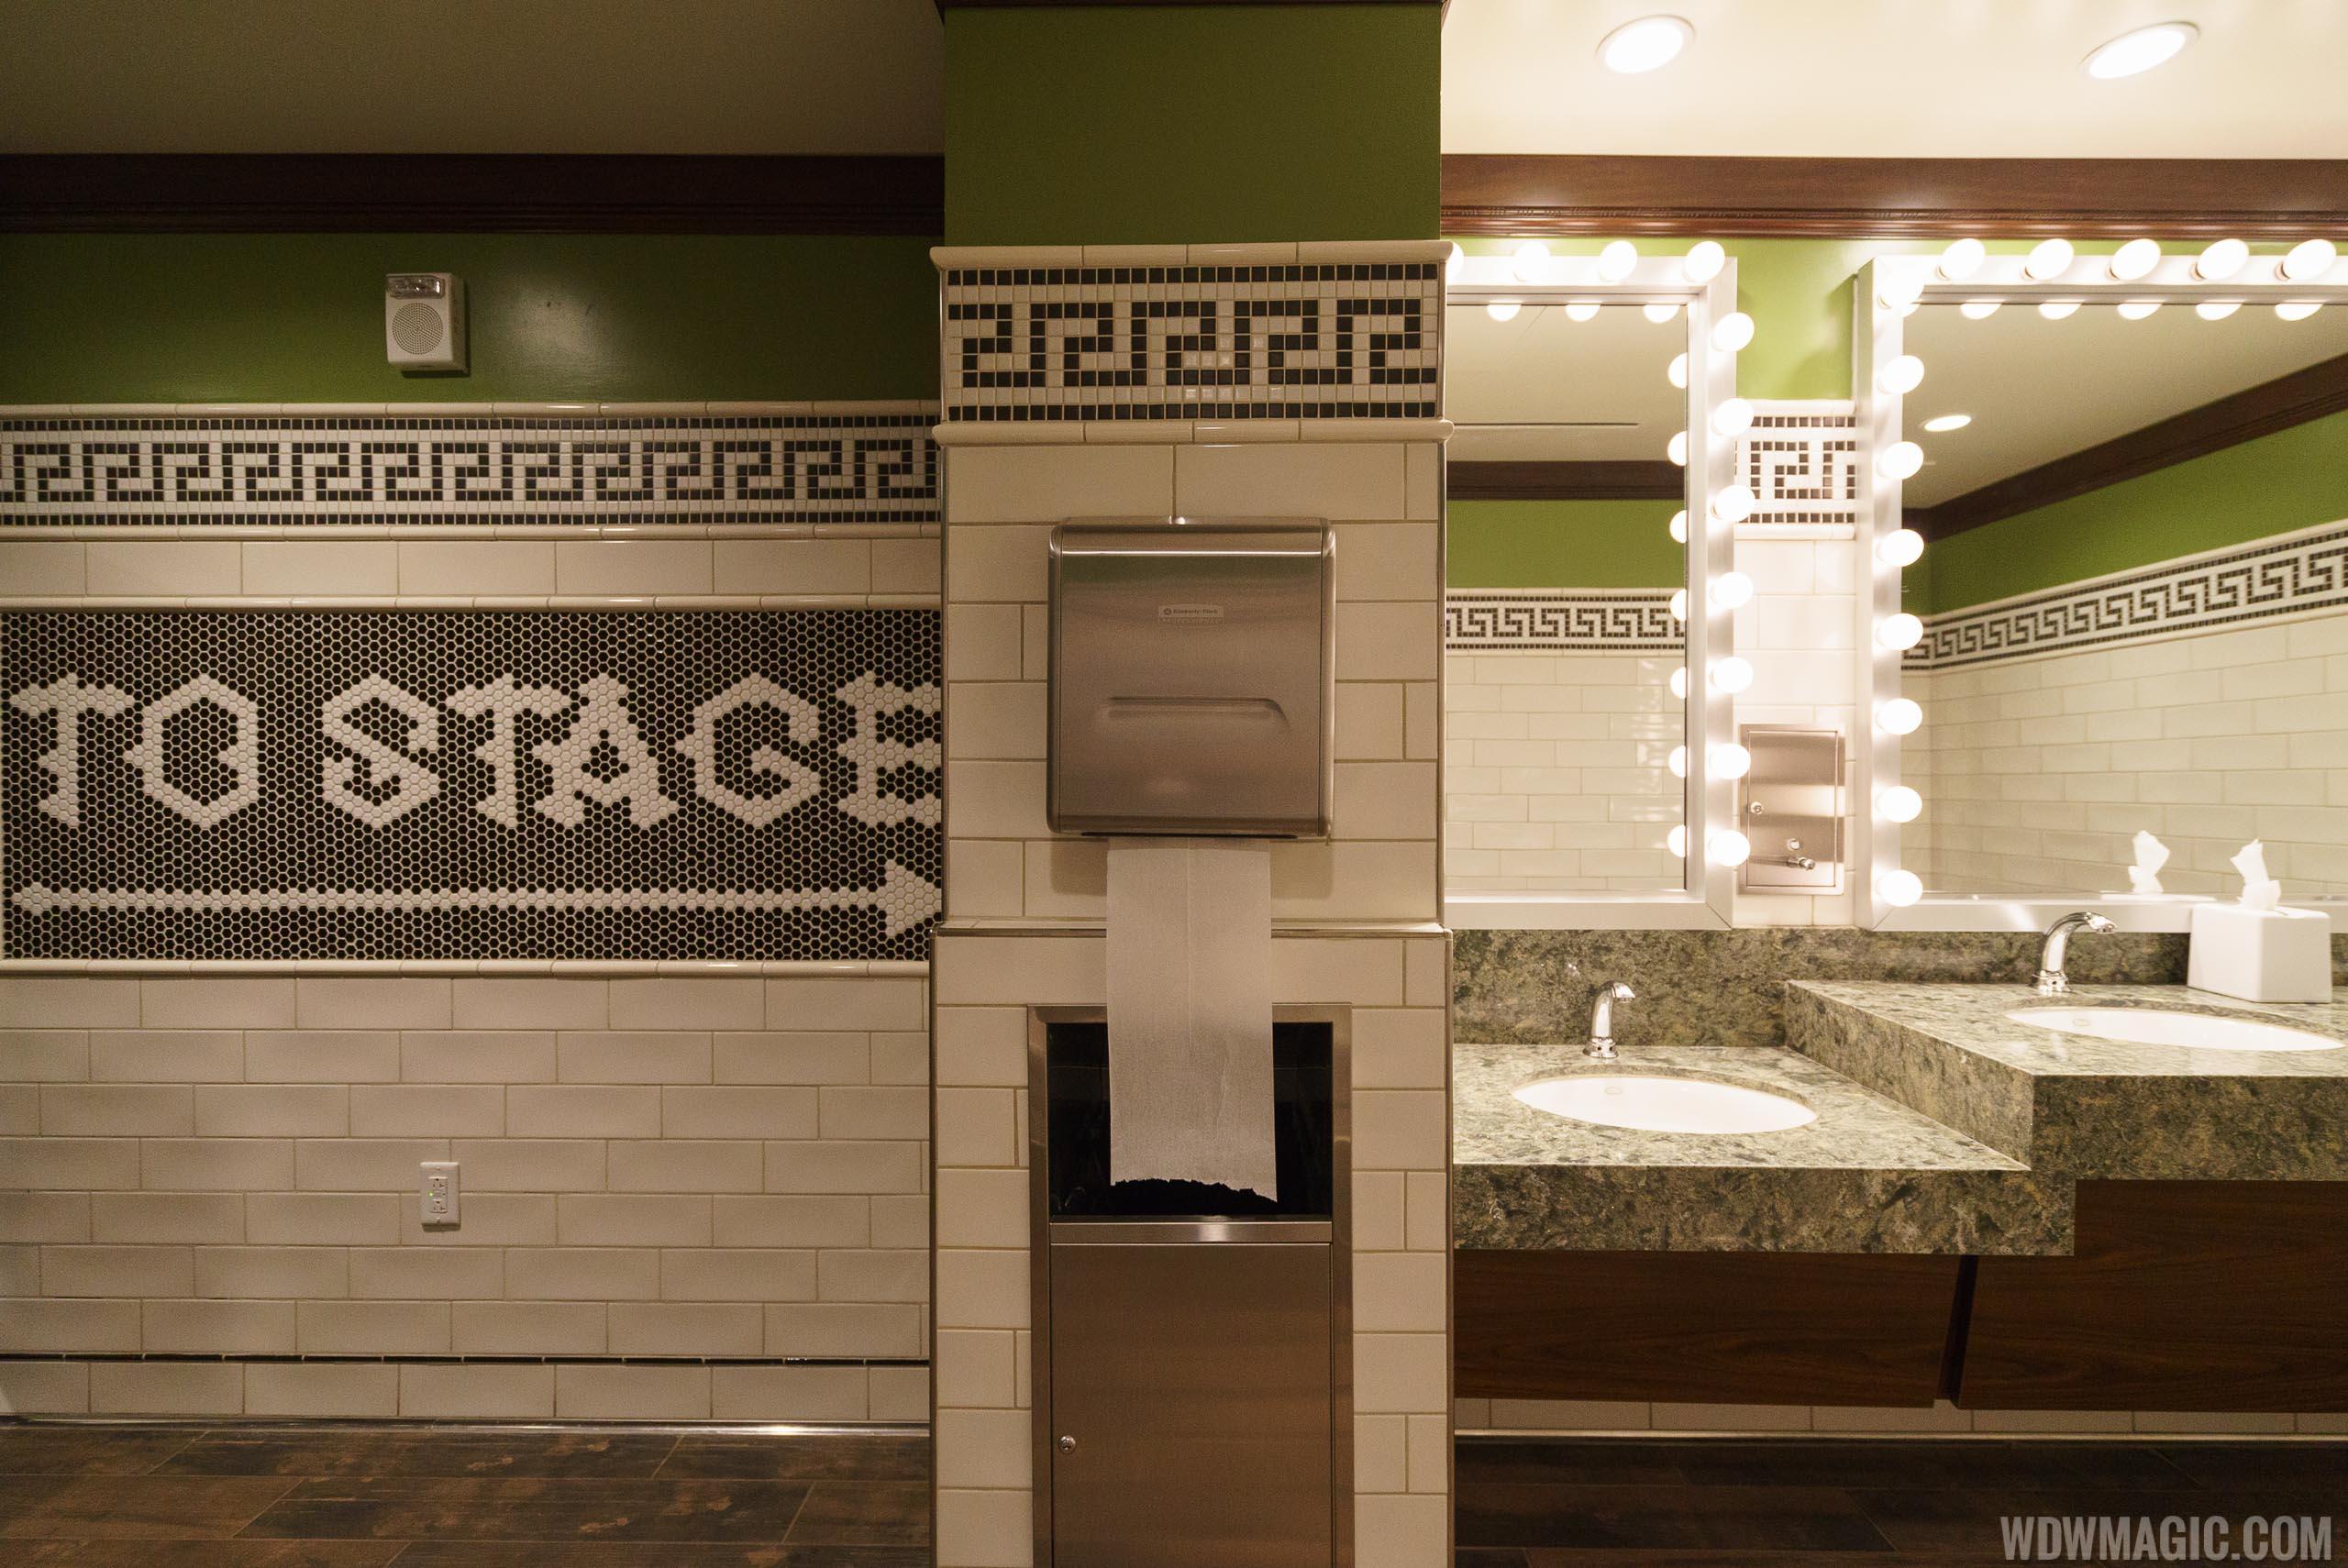 AbracadaBAR restroom tile